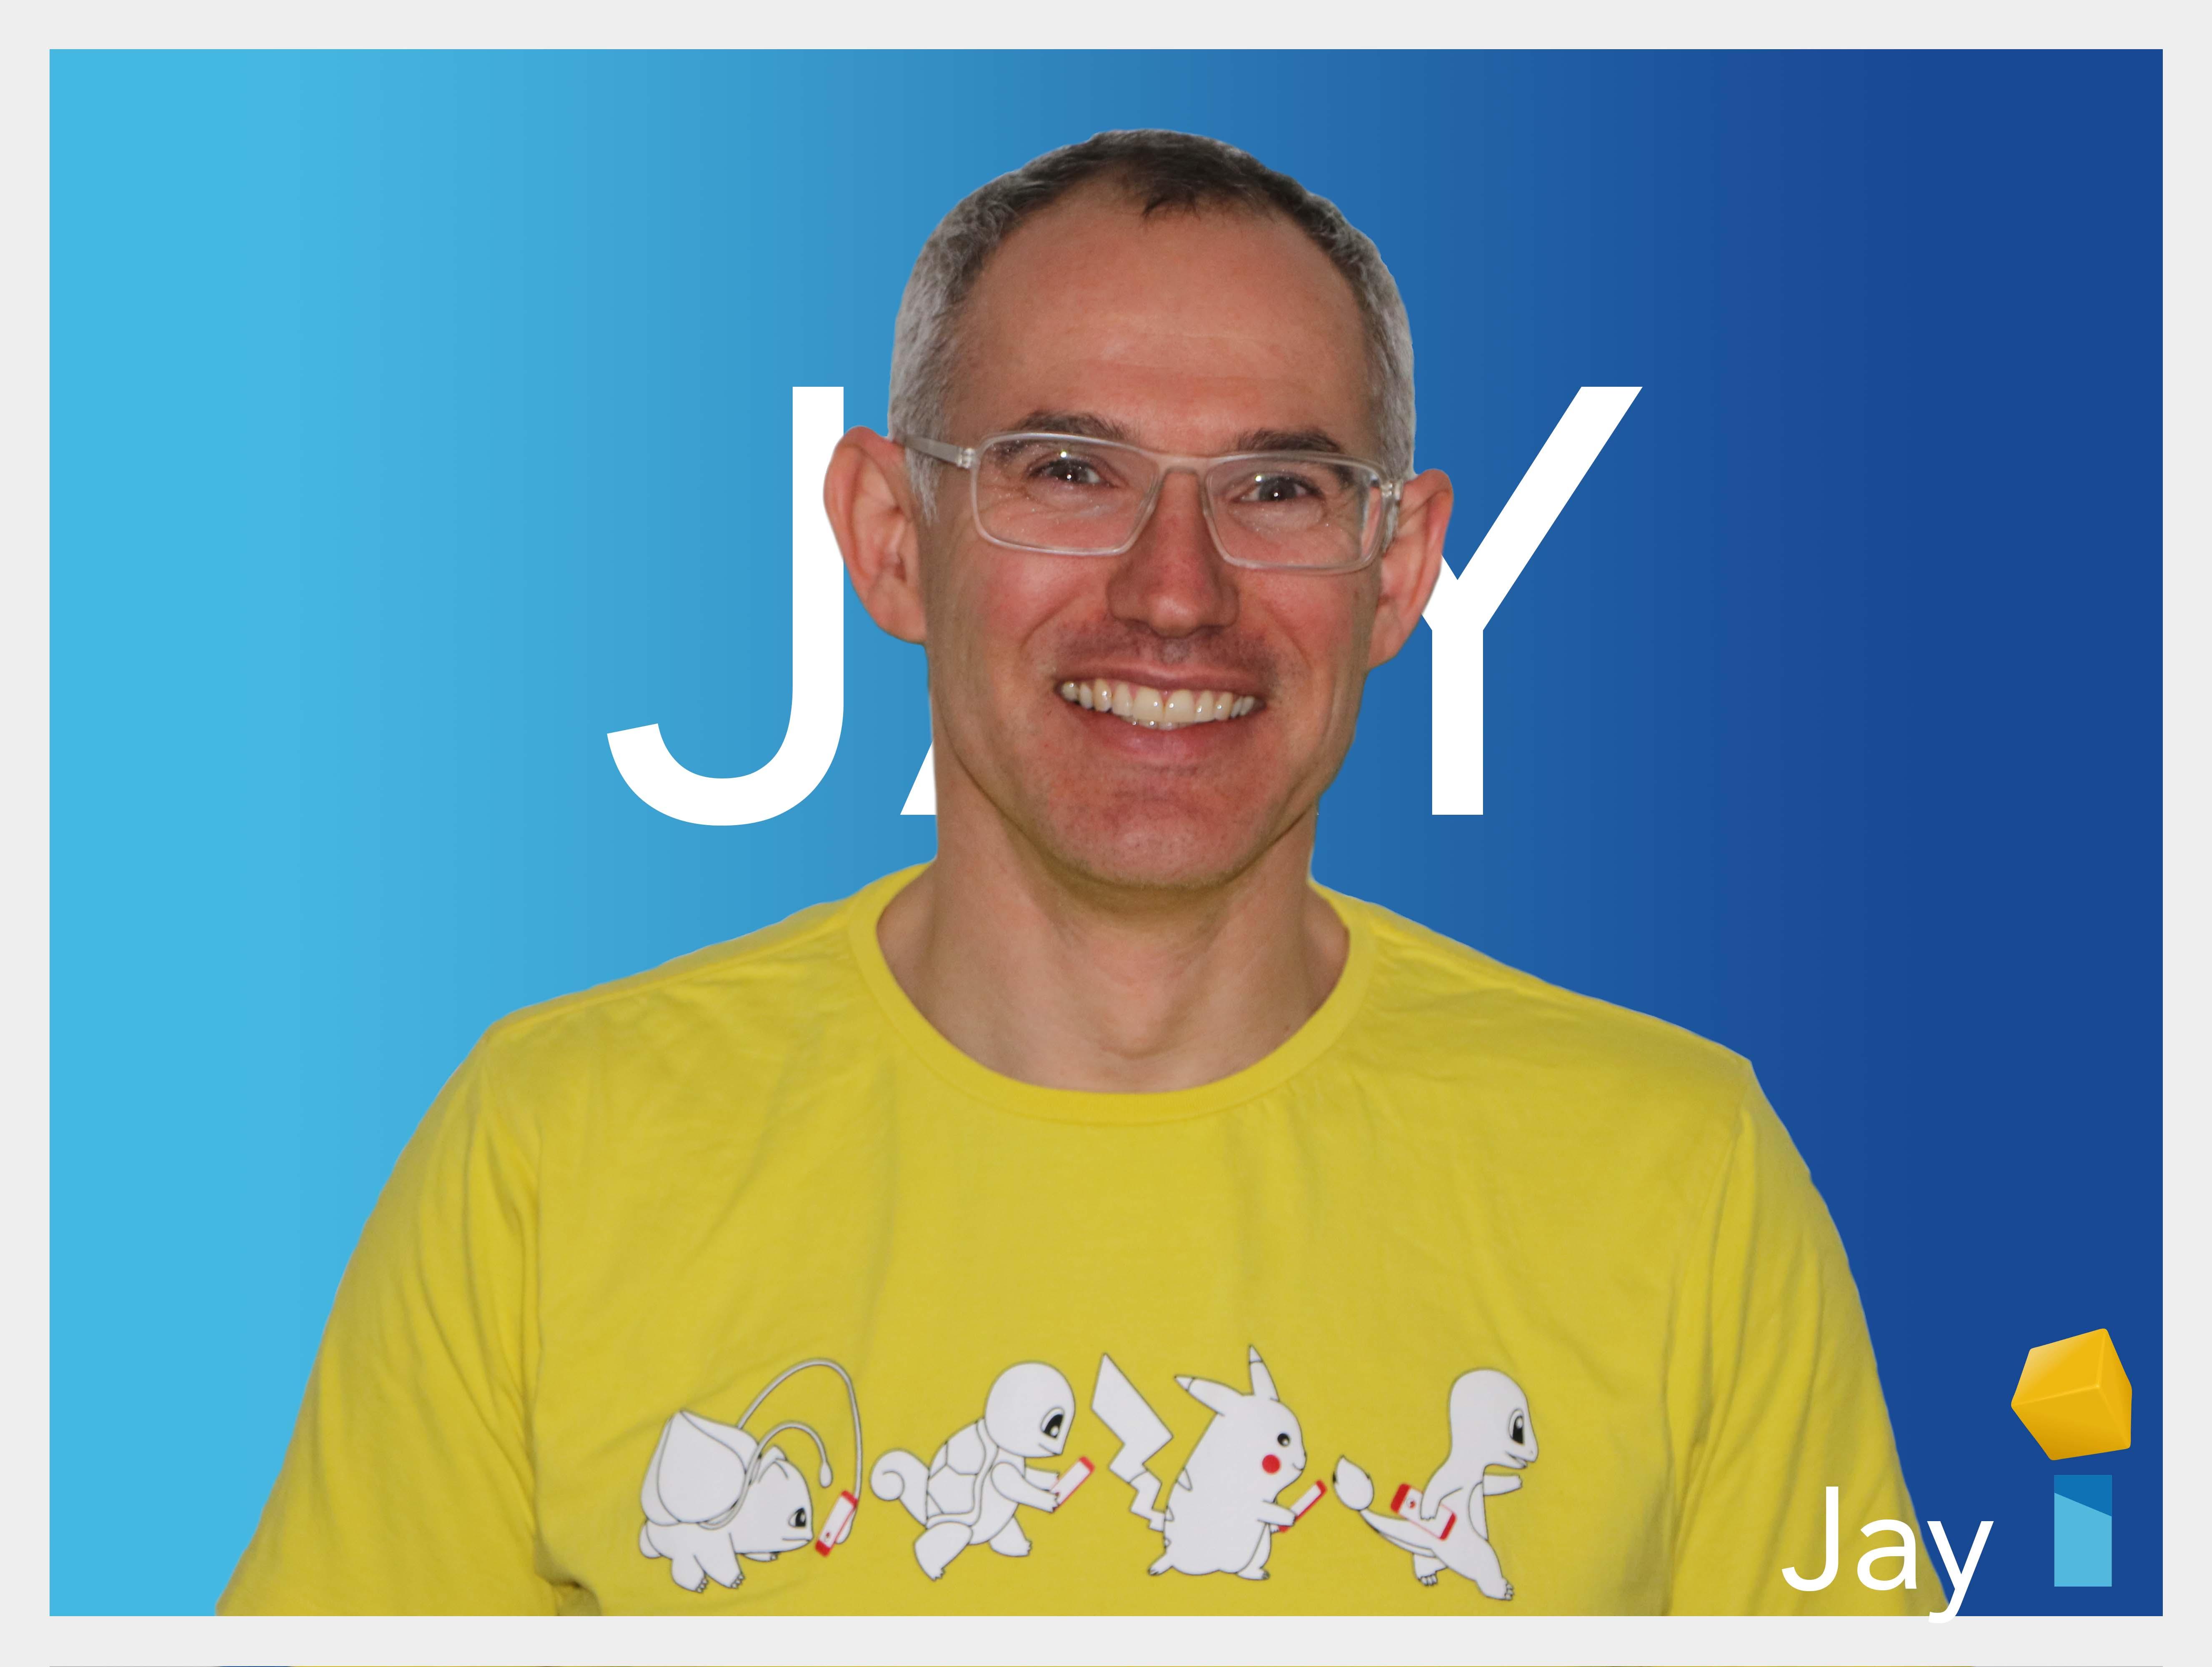 Jay Smeekes